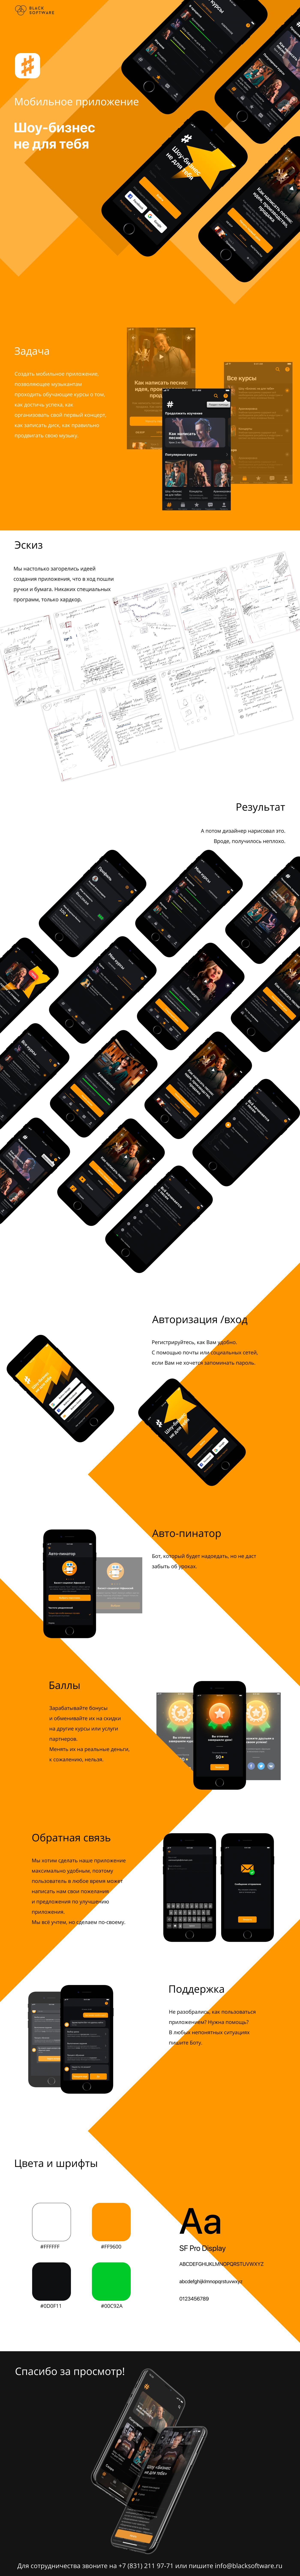 мобильное приложение дизайн Веб шоу Взаимодействие  интерфейс курсы mobile app